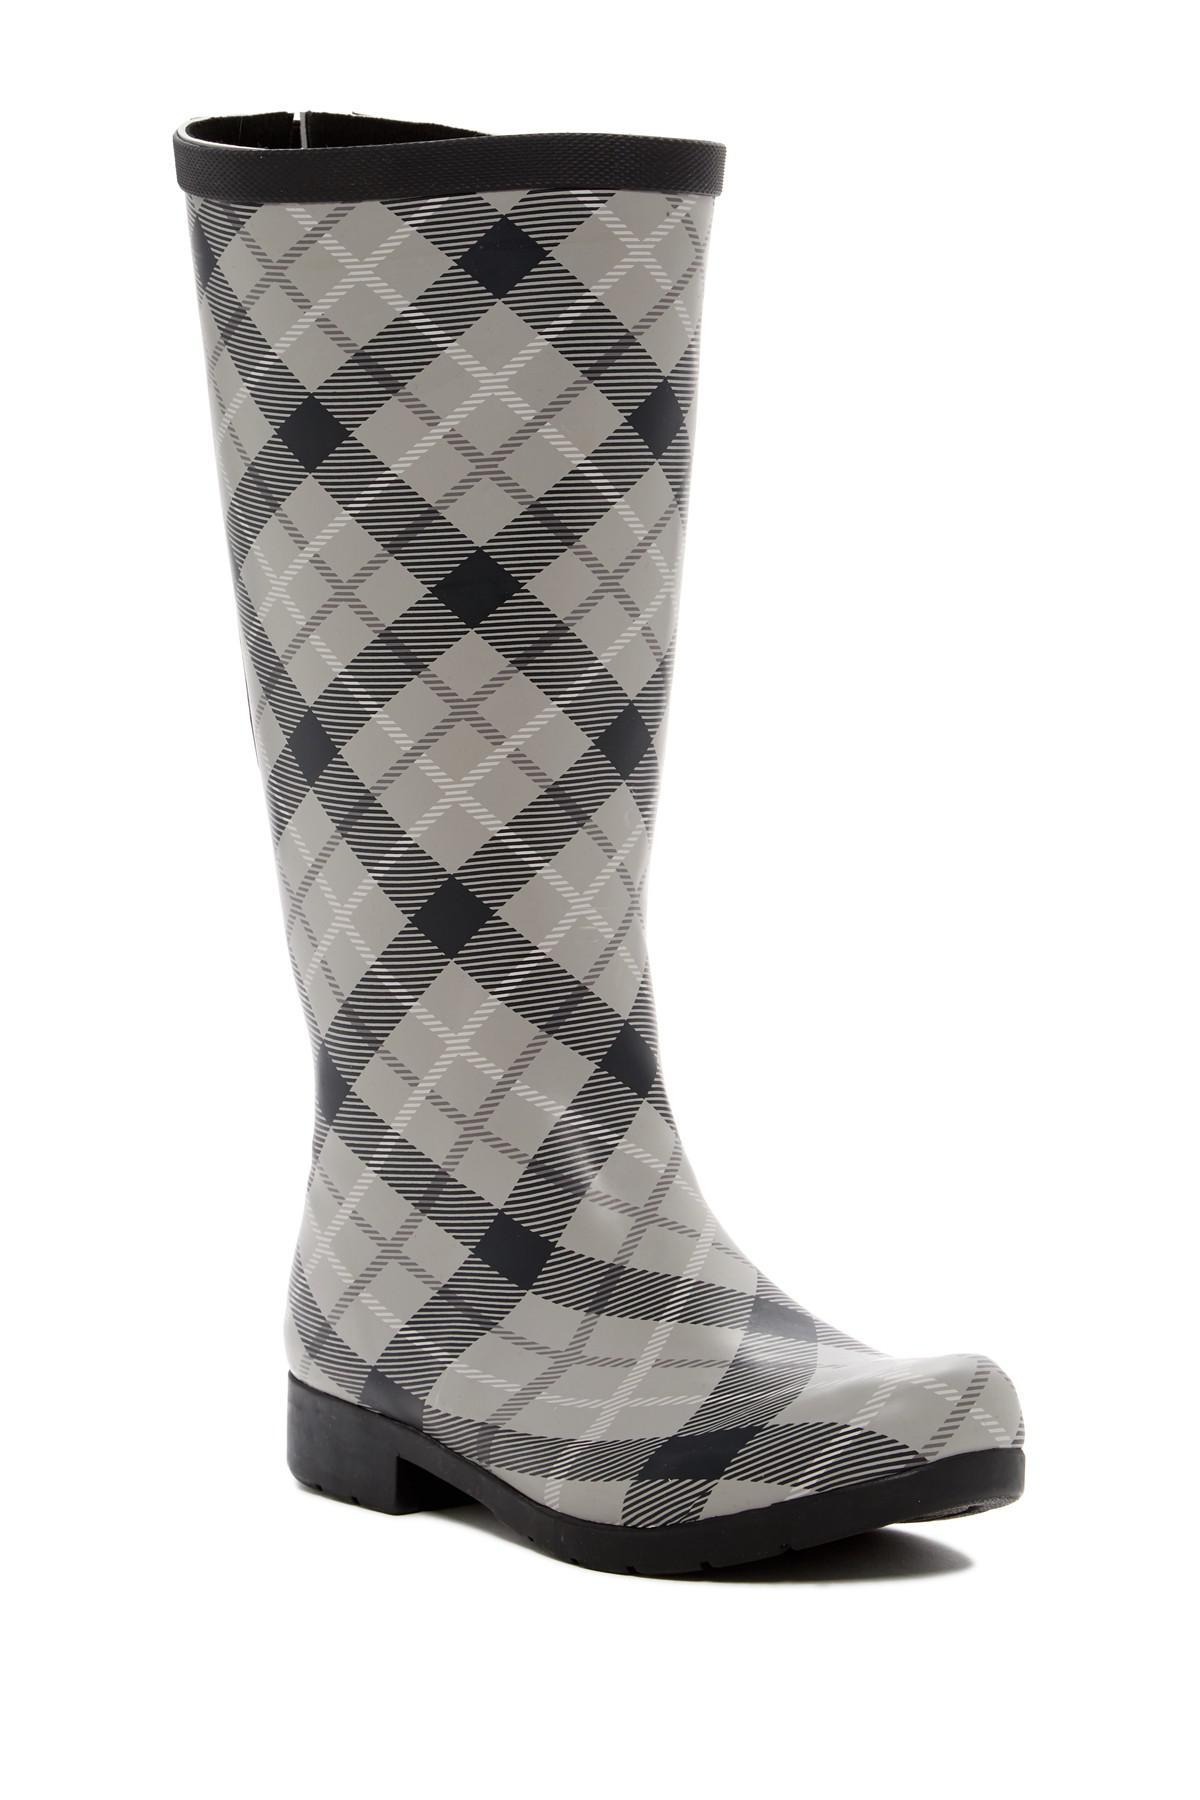 c790eff98ab8 Lyst - Chooka Flex Fit Elastic Plaid Tall Waterproof Rain Boot ...